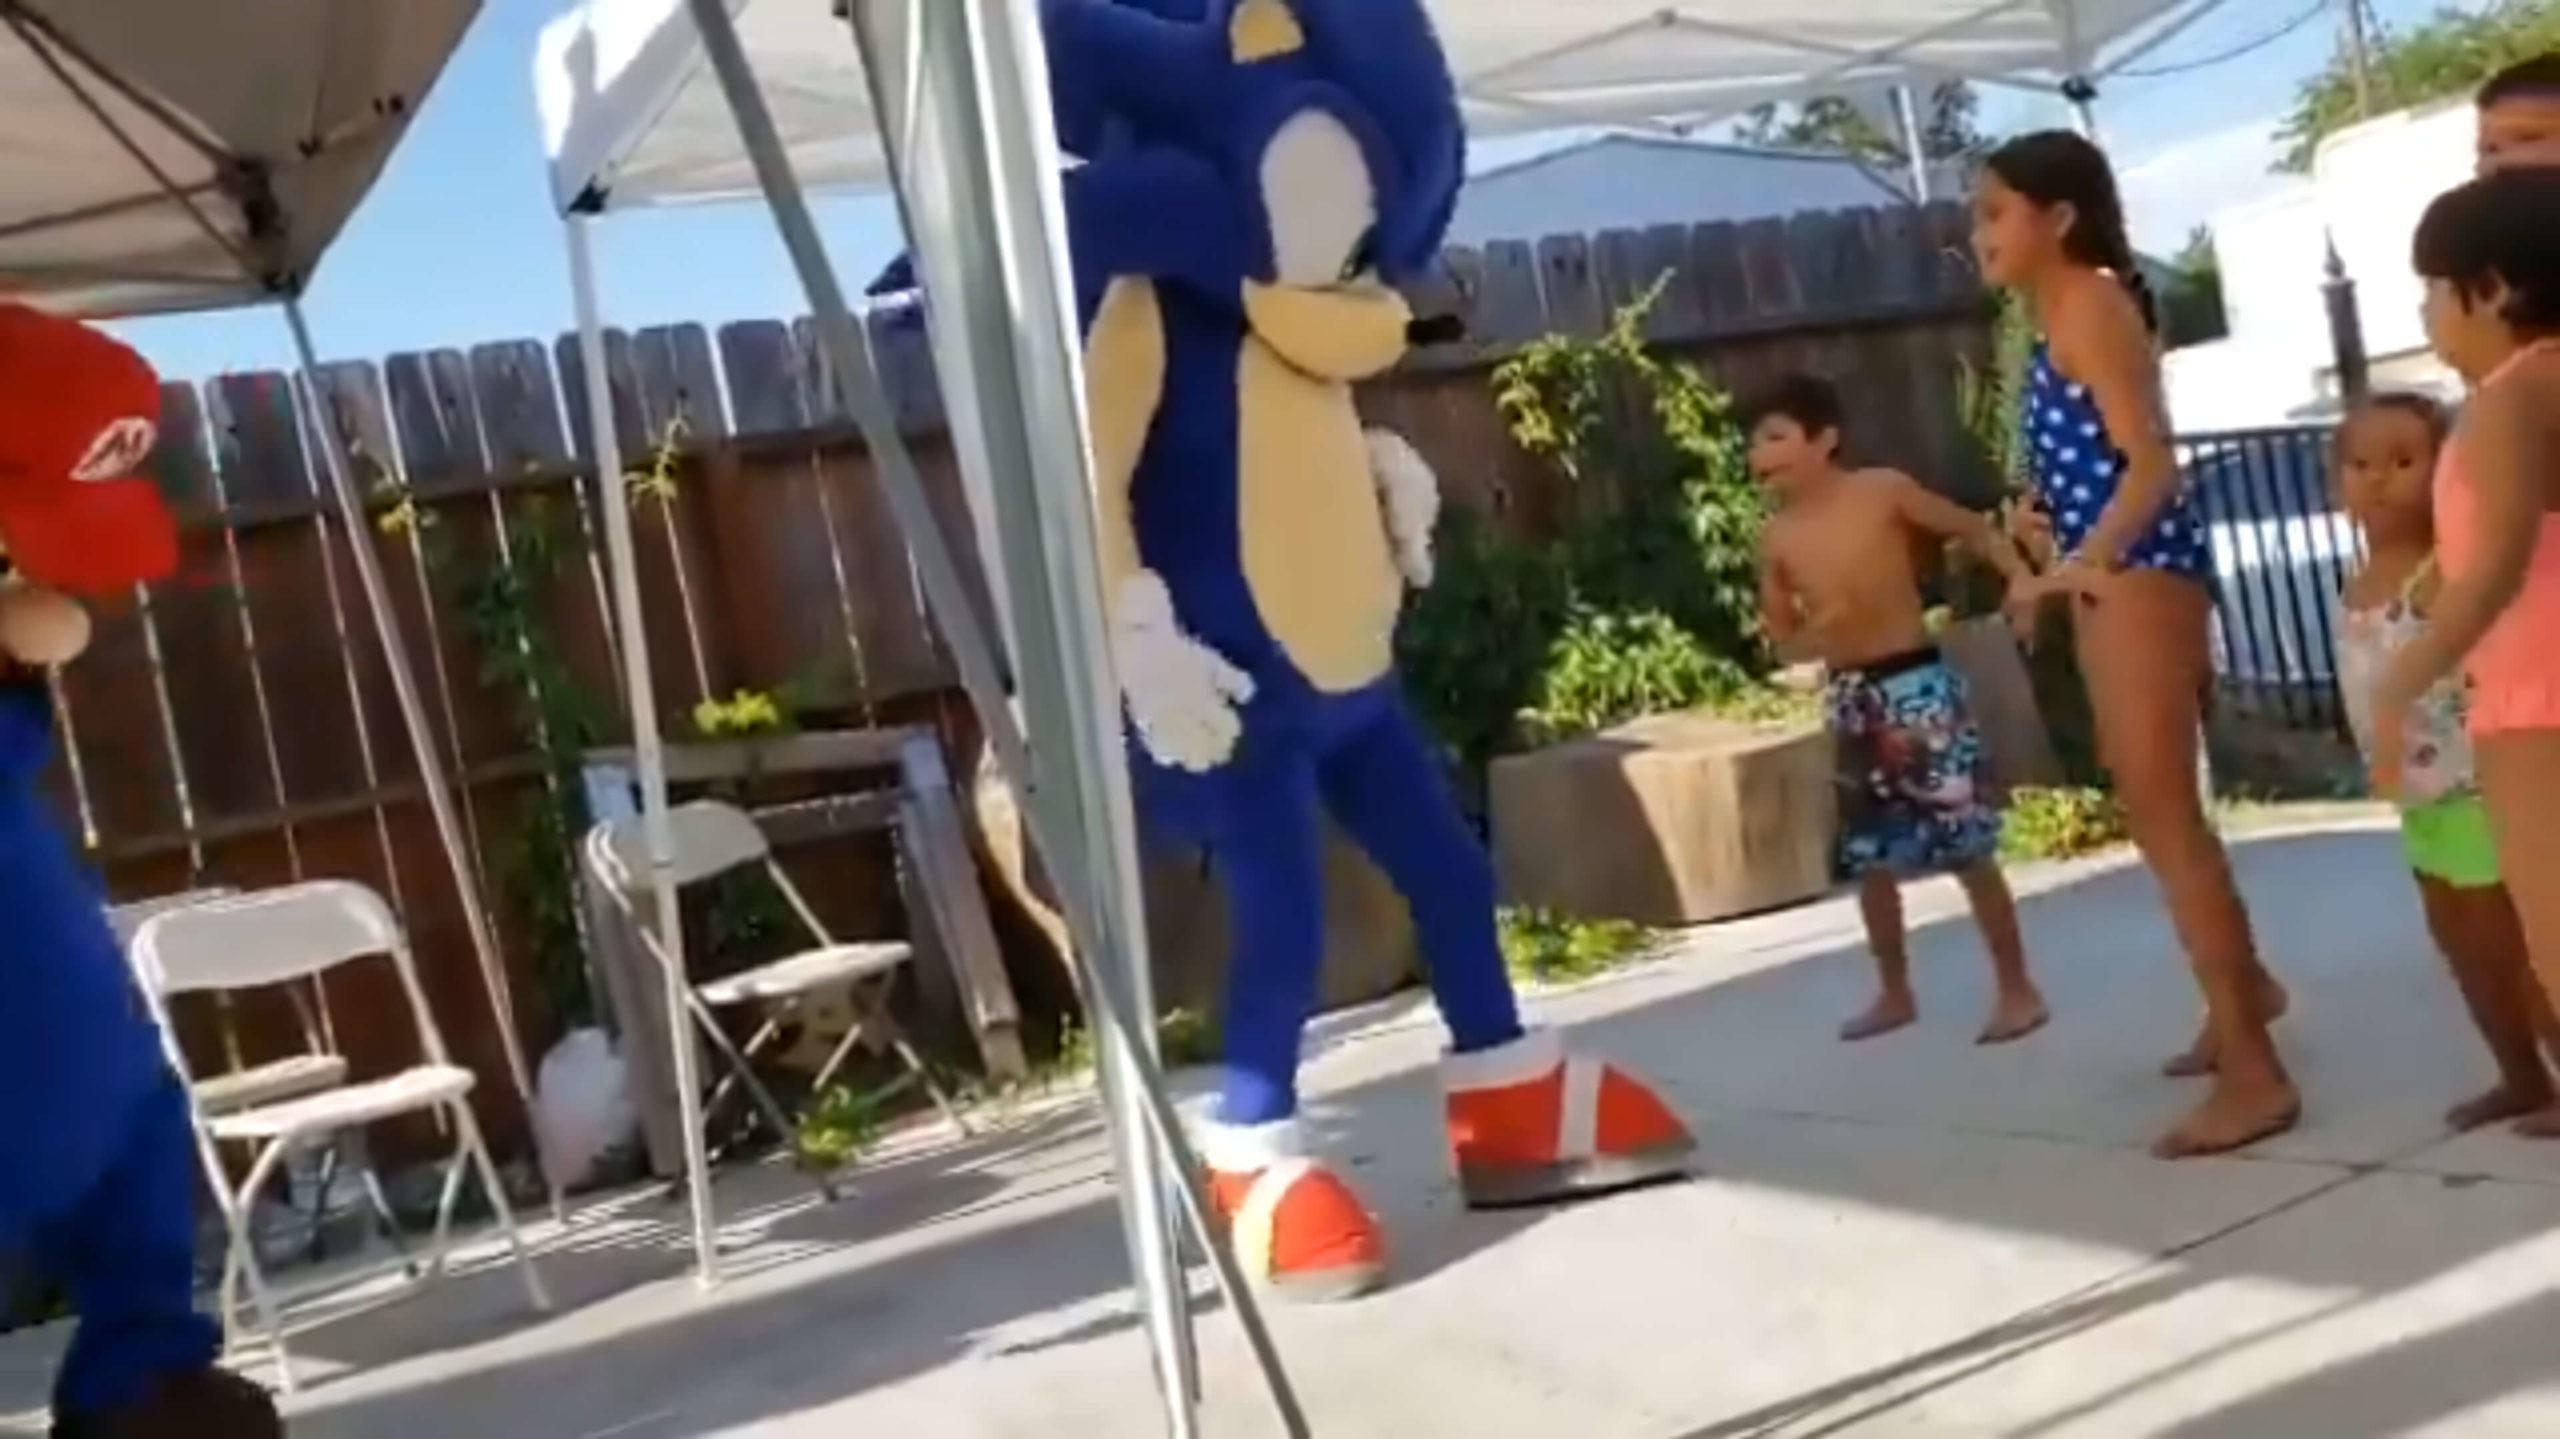 Um vídeo aleatório de Sonic e Mario dançando a música Billie Jean de Michael Jackson se tornou viral no Twitter.